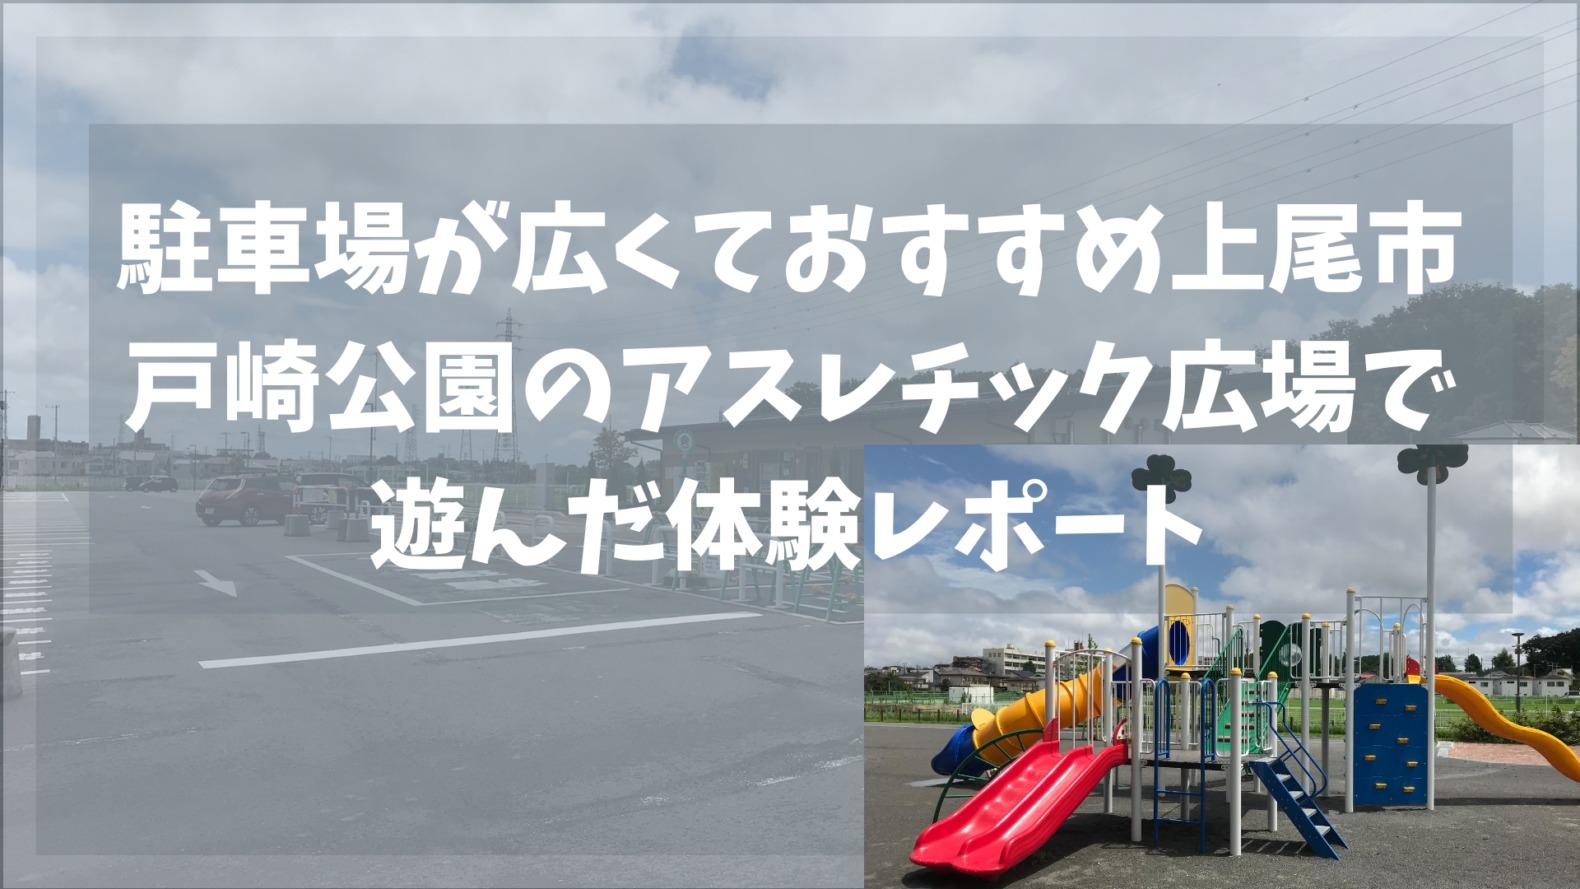 戸崎公園レポートブログアイキャッチ画像